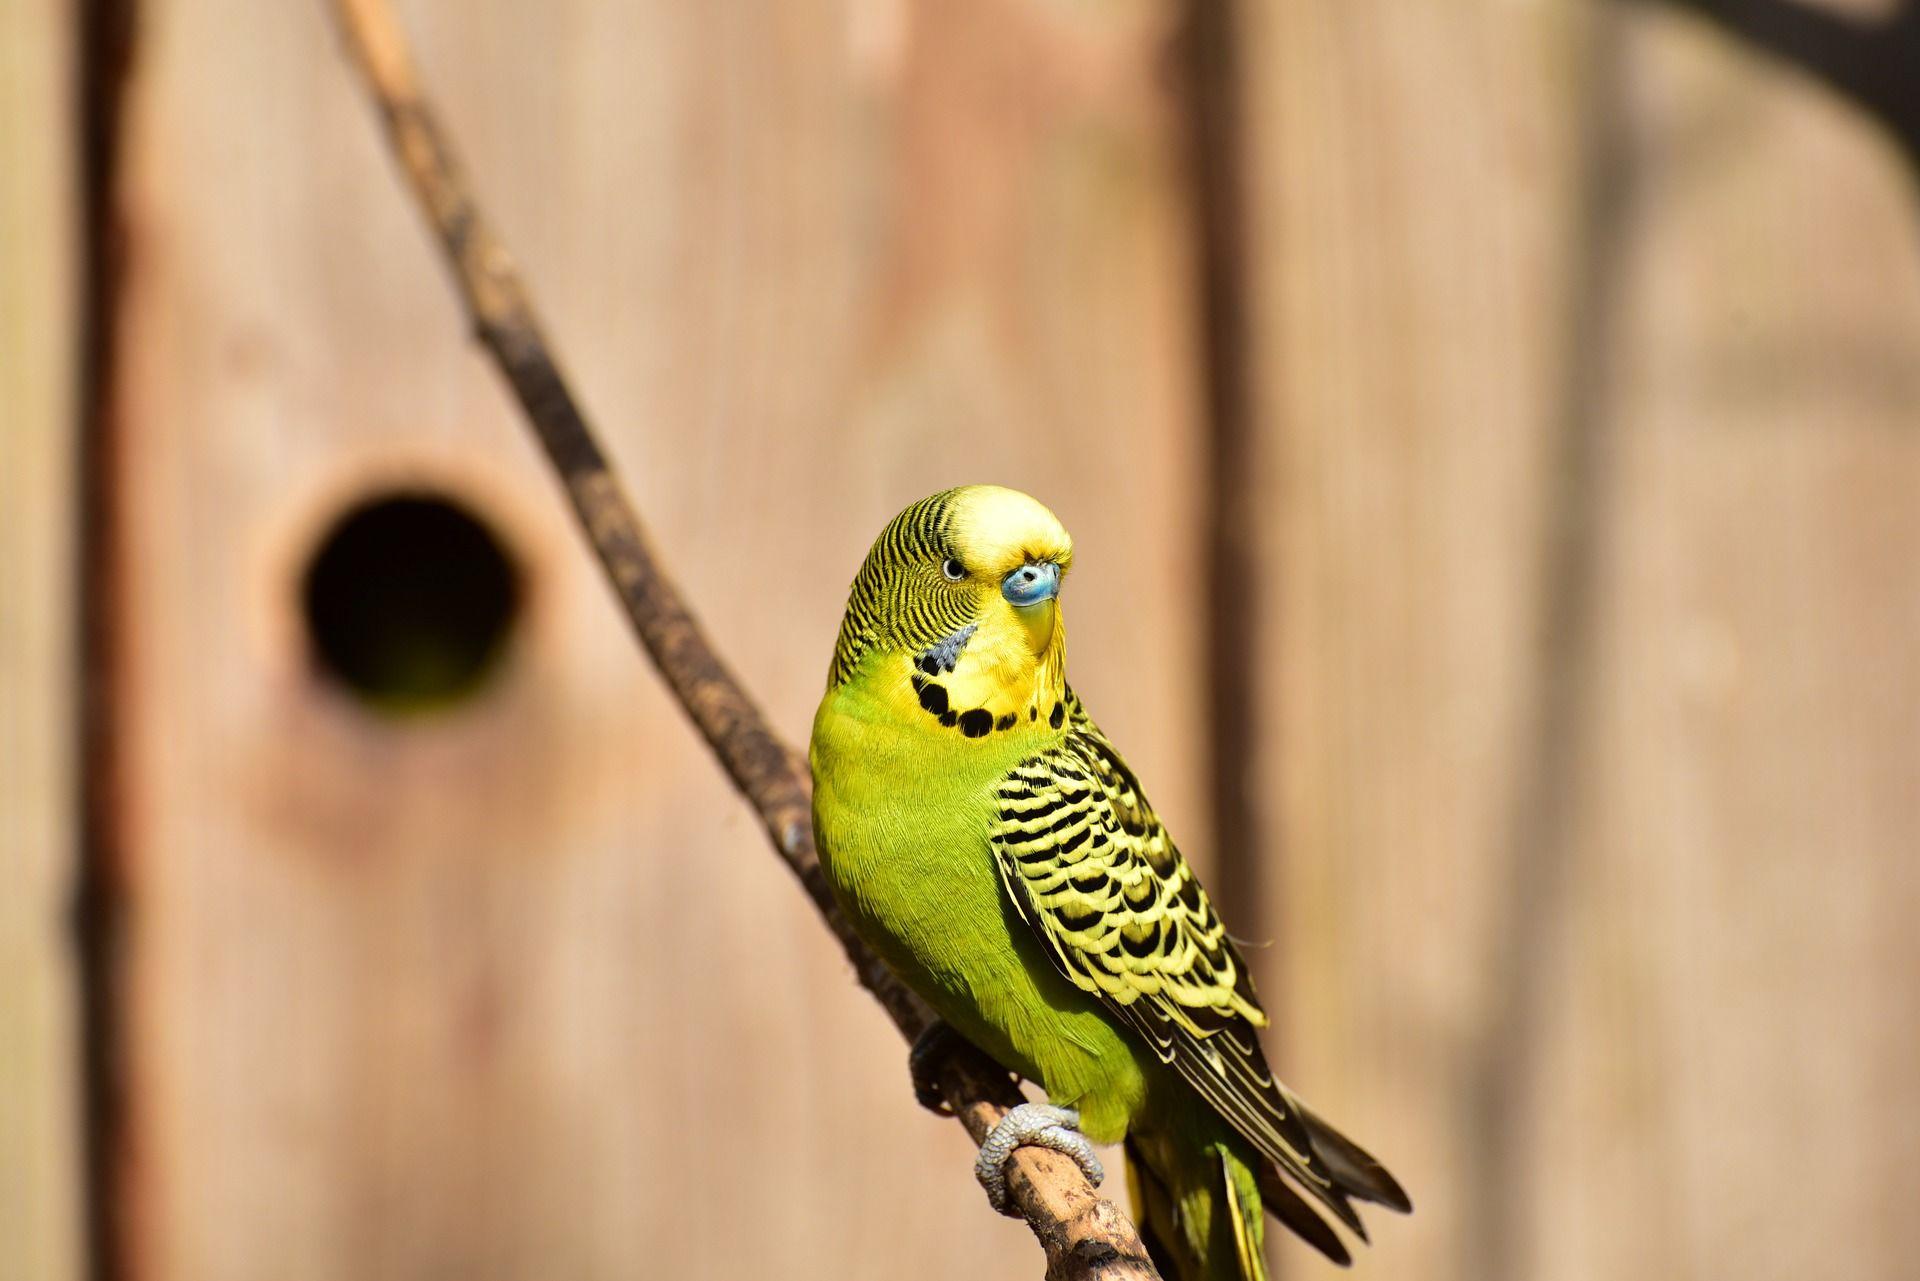 Картинка красивого, зеленого попугая в клетке